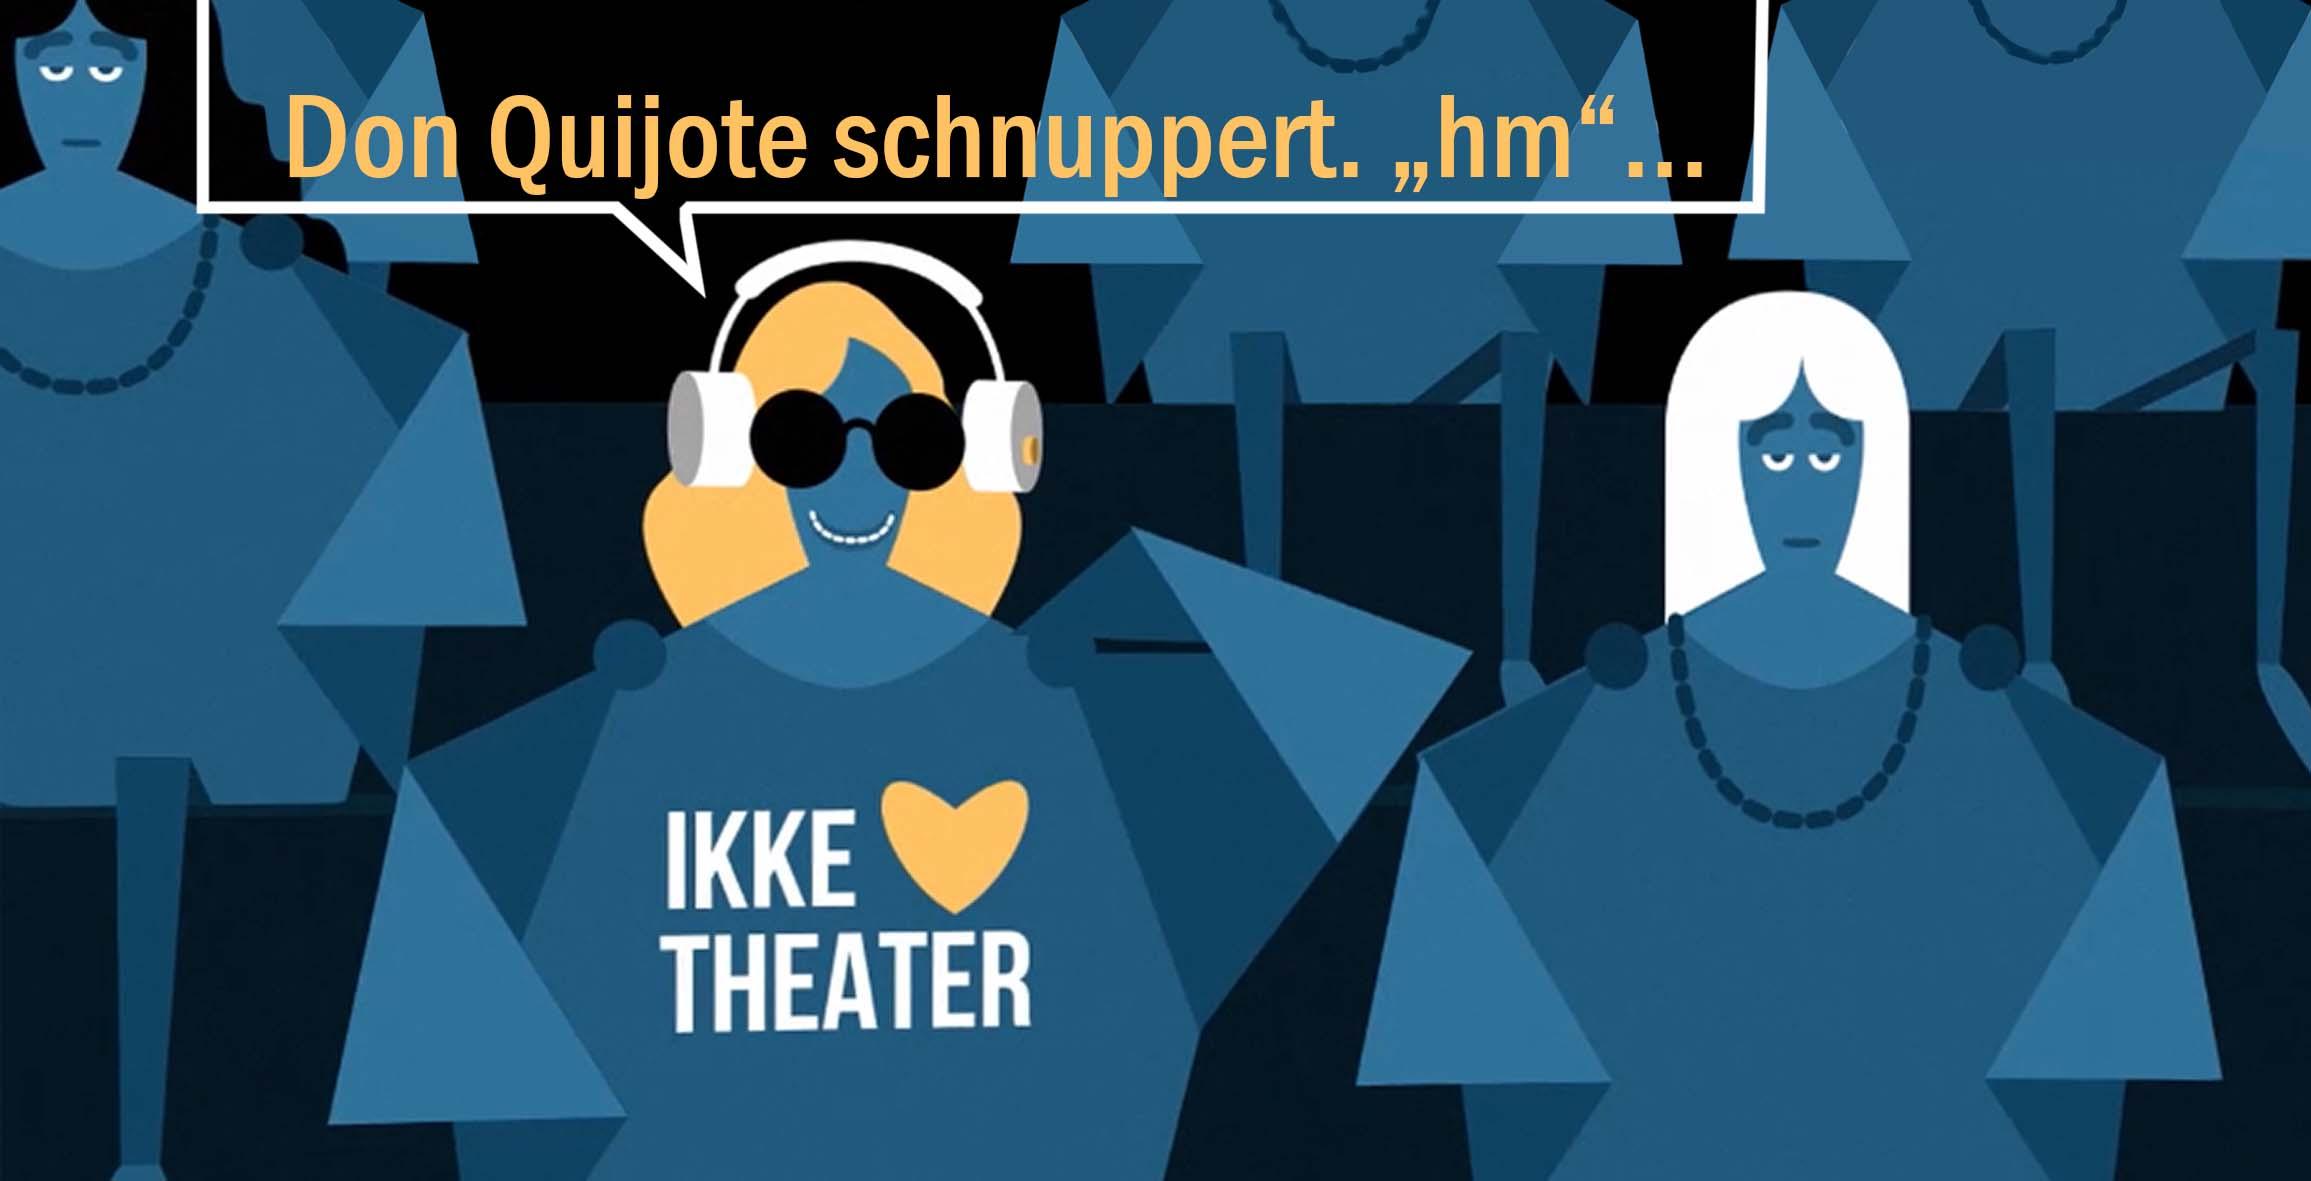 """Die Comiczeichnung in Blautönen gehalten zeigt unterschiedlich frisierte Frauen, deren Kleider in geometrischen Formen visualisiert werden. Sie sitzen gemeinsam auf Theaterbänken in zwei Reihen. Eine Frau in der ersten Reihe hat gelbe Haare, tägt eine dunkle Brille und lächelt. Auf ihrem blauen Kleid ist der Schriftzug """"IKKE (Symbol für ein Herz) THEATER"""" zu lesen. Sie hat einen weißen Kopfhörer auf und über ihr schwebt eine Sprechblase, auf der steht: """"Don Quijote schnuppert """"hm""""."""